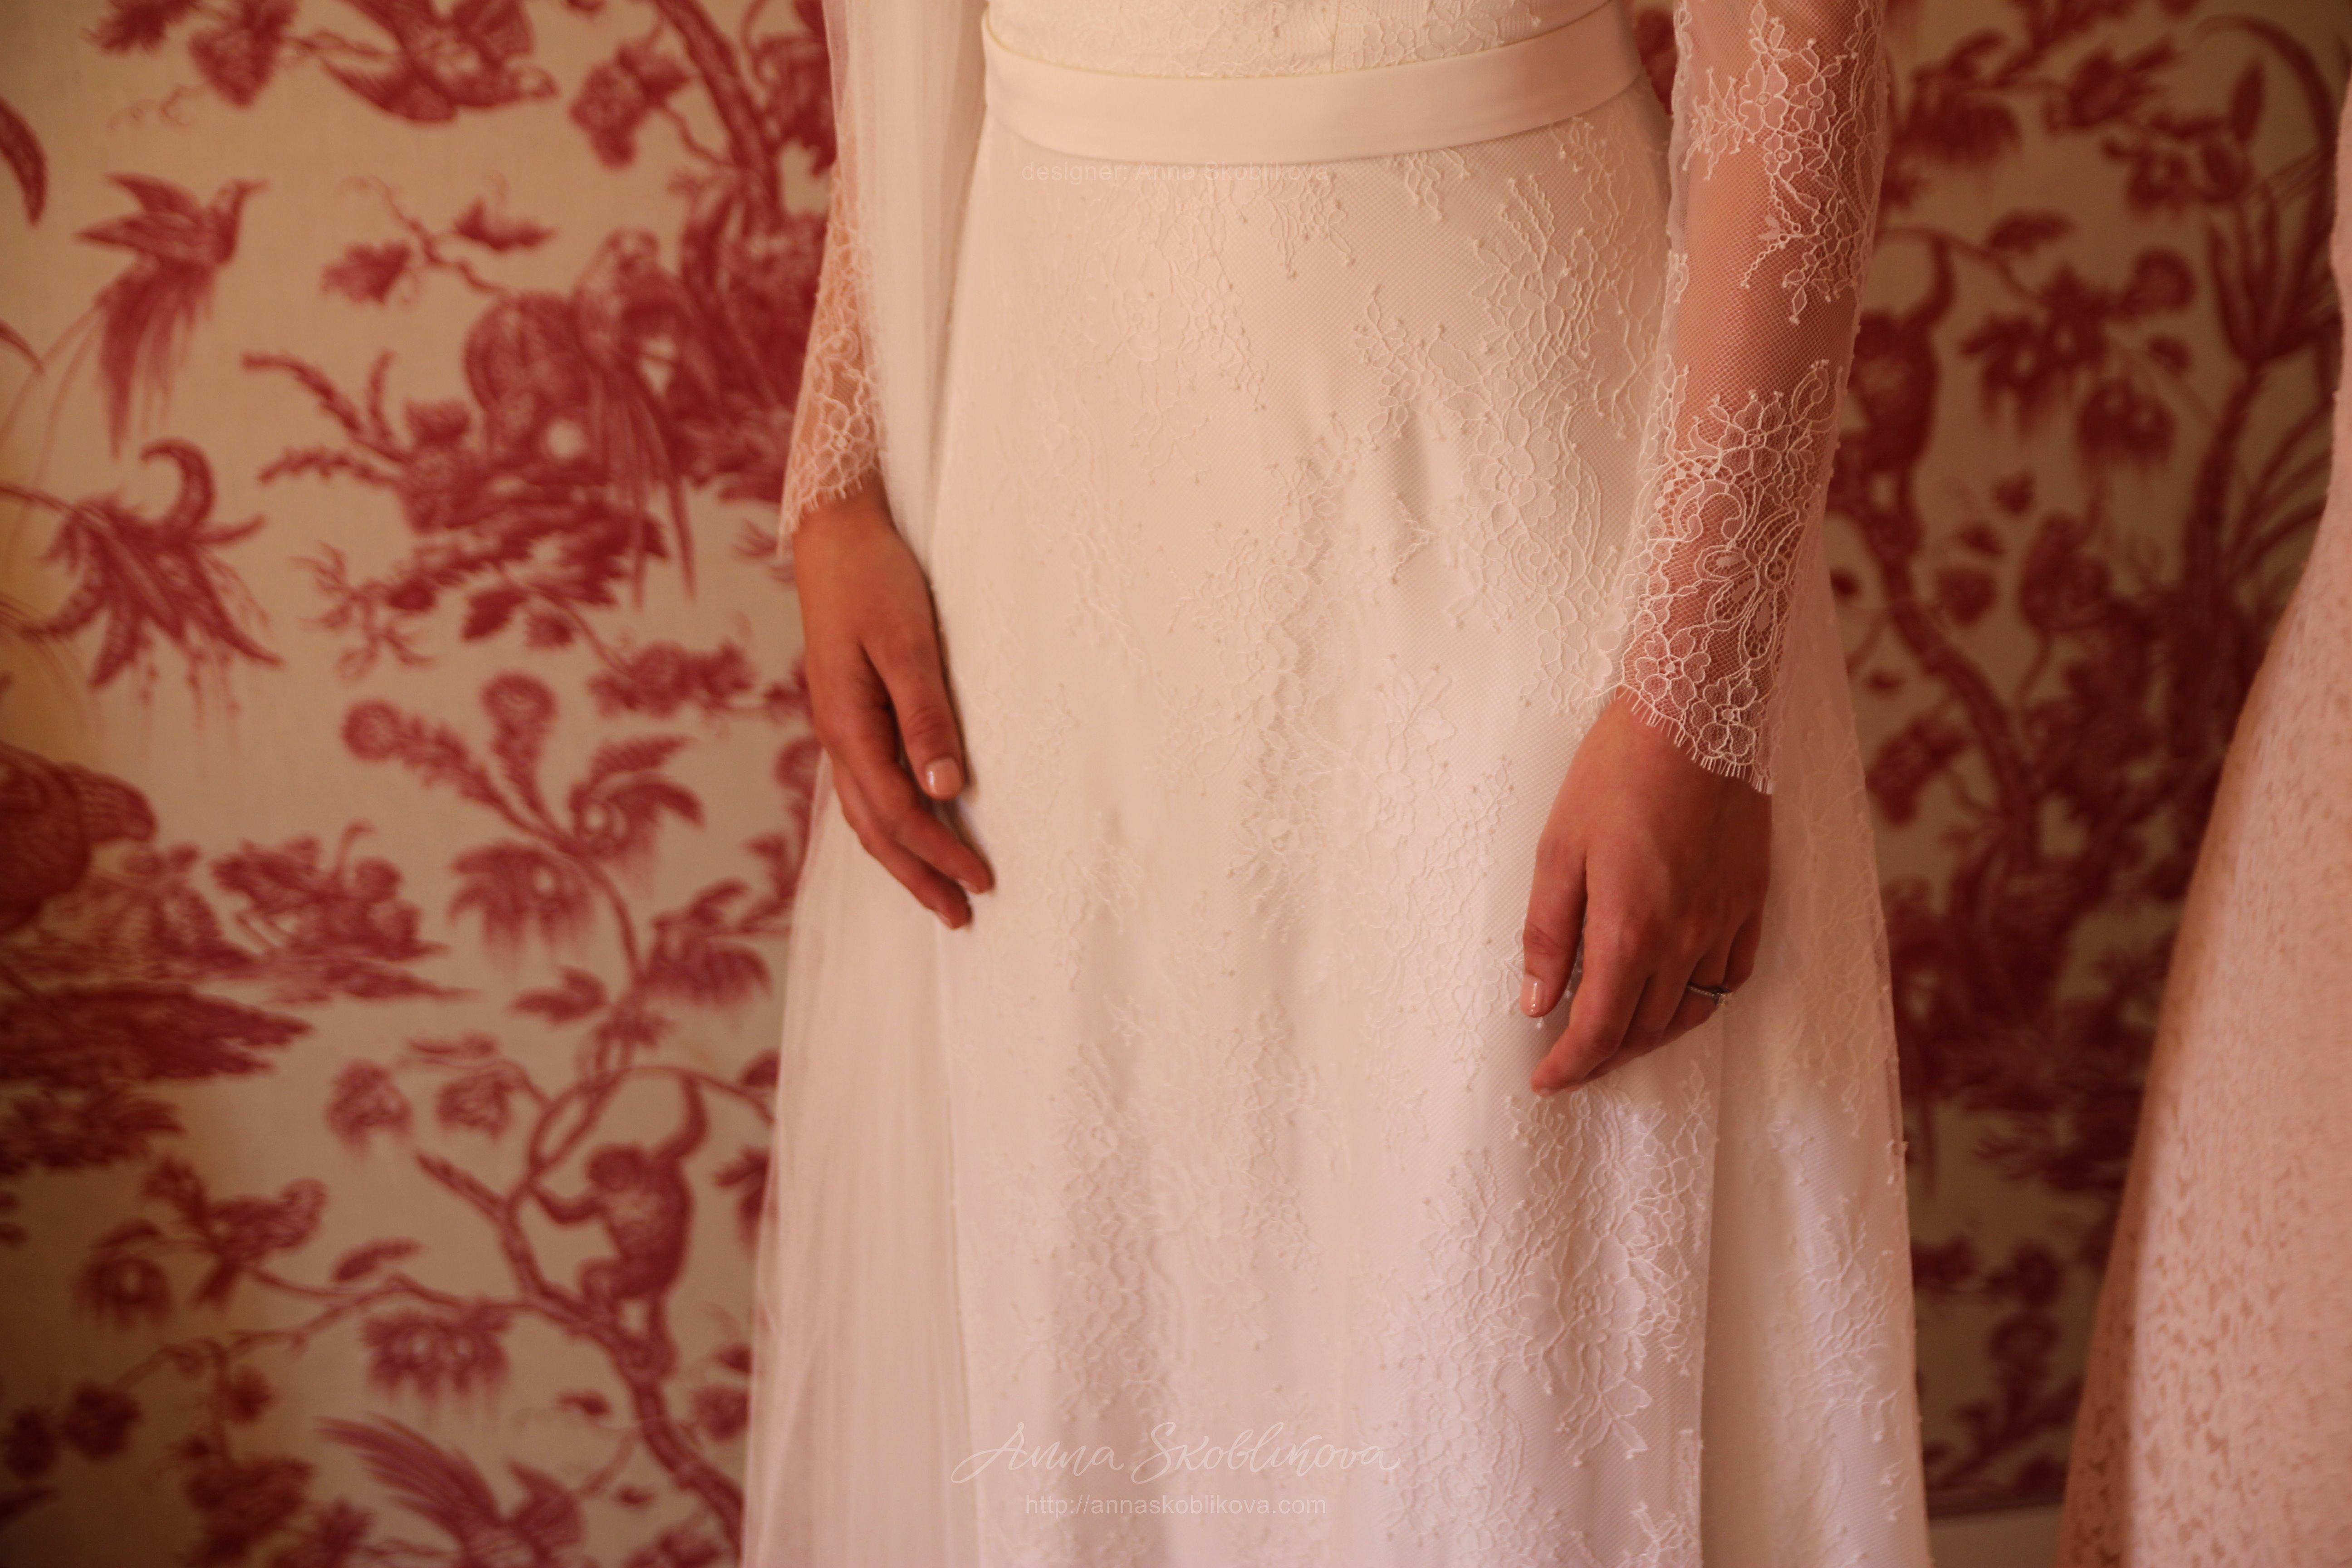 Lace Wedding Dress - 0053 by Anna Skoblikova